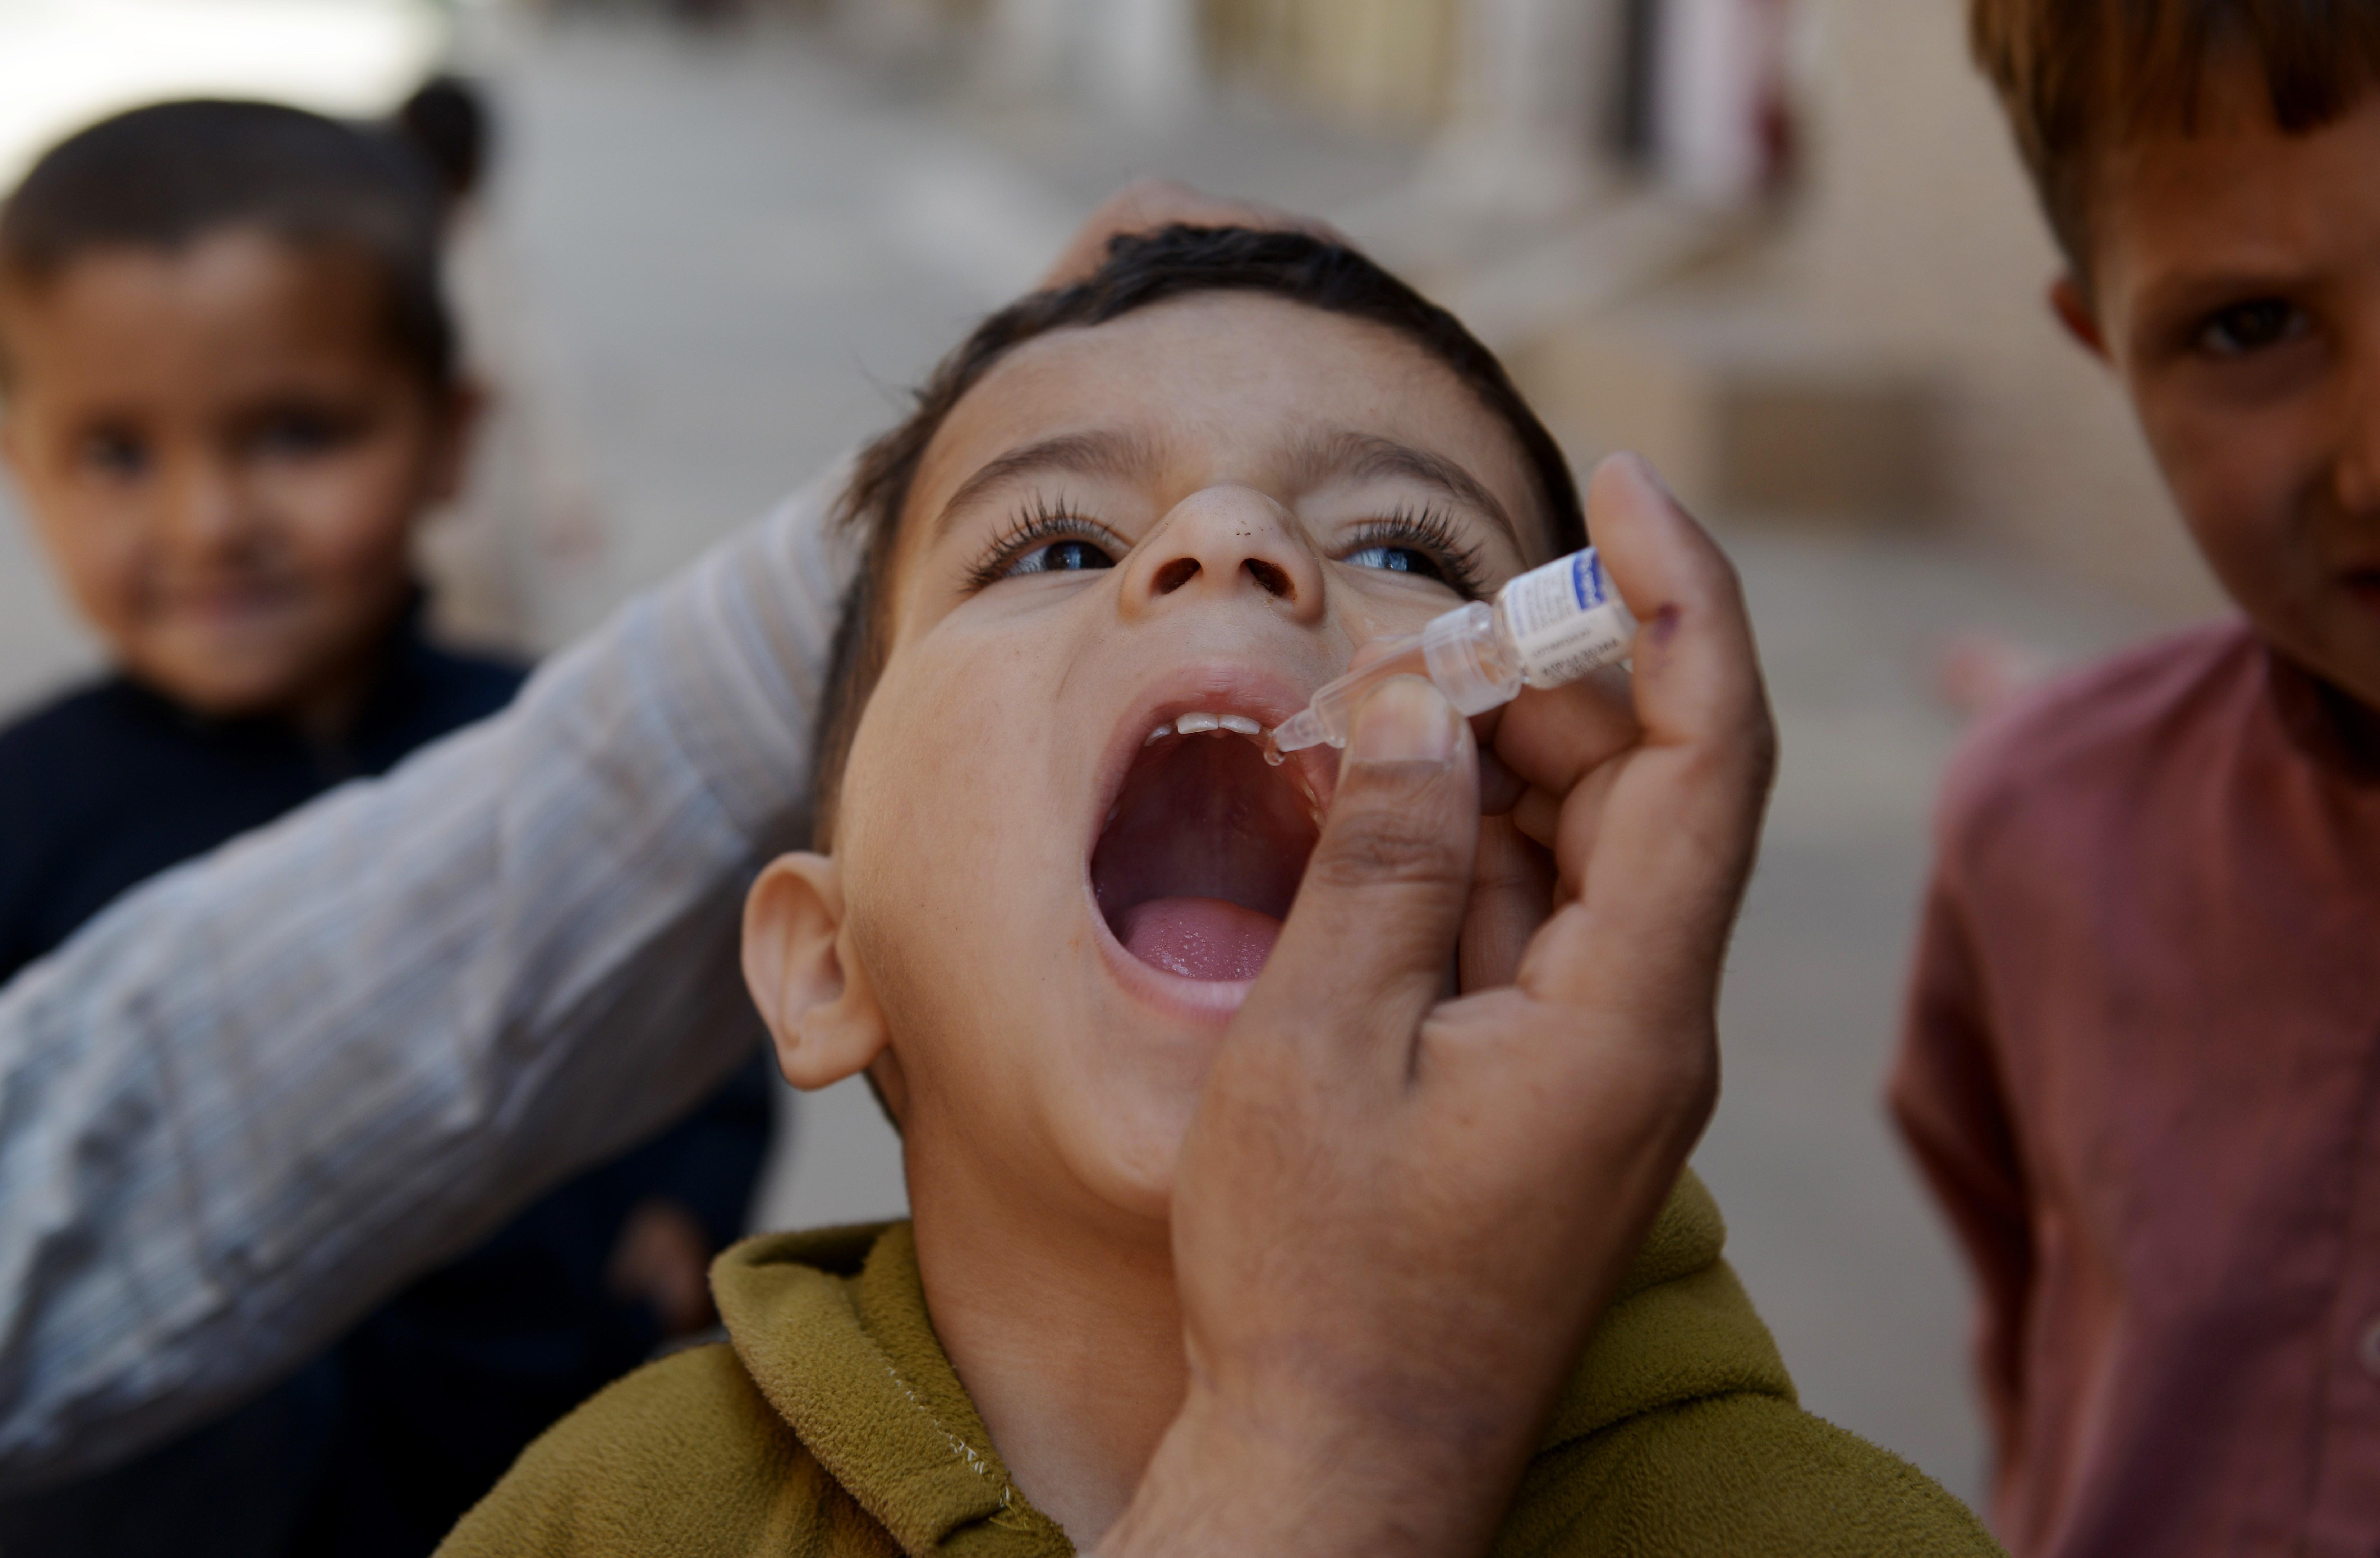 polio (poliomyelitis) on emaze, Skeleton